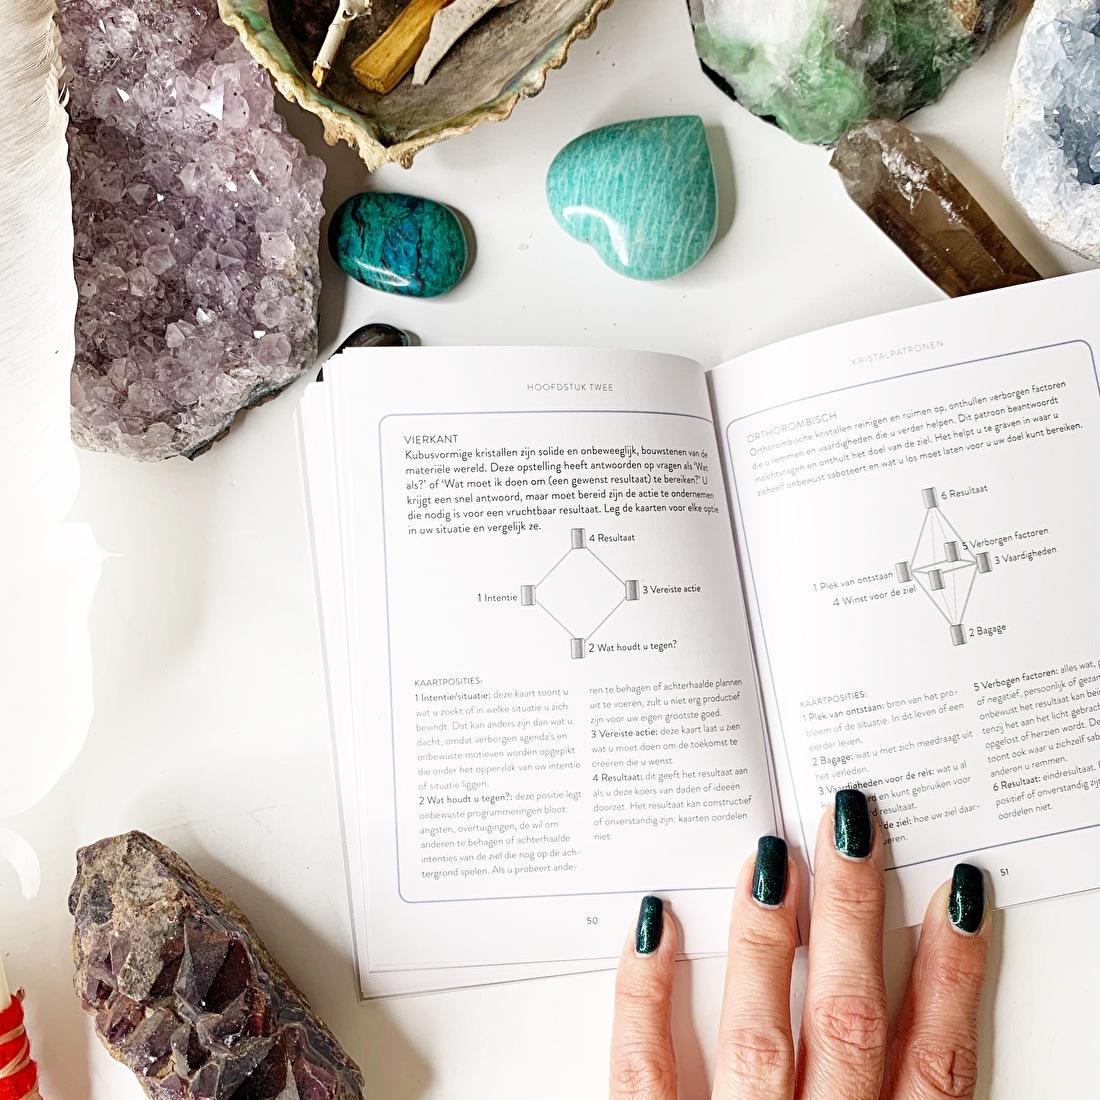 uitgebreidere kaartlegging orakelkaarten het kristal judy hall,blog orakelkaarten by-sas